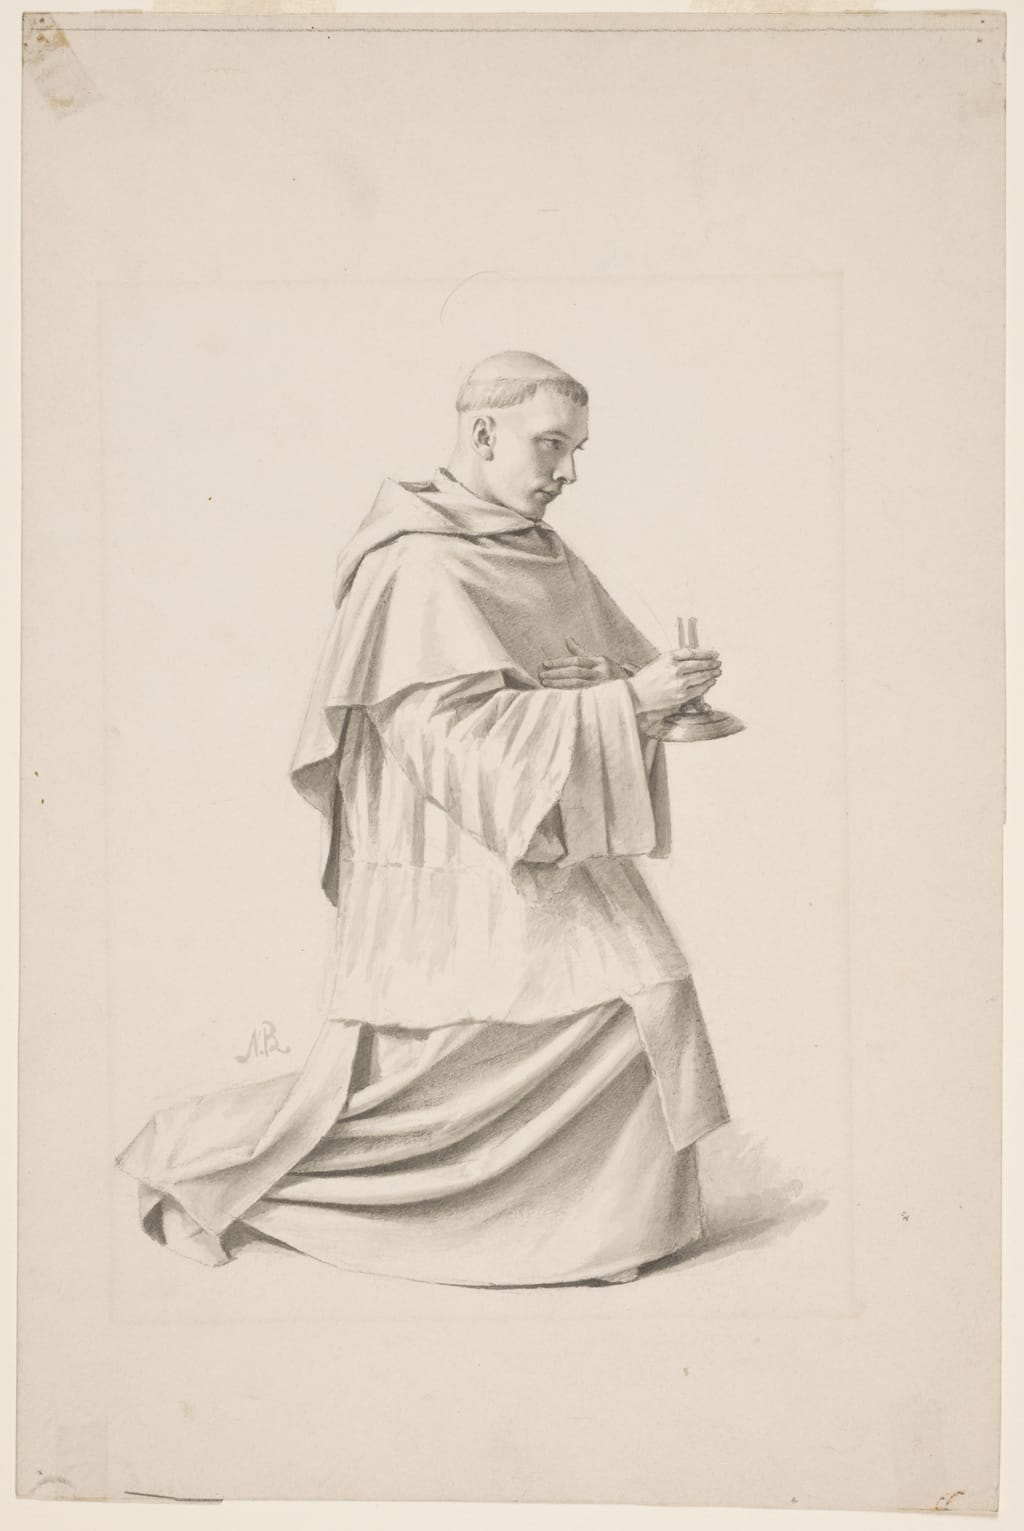 Dominicain tenant un bougeoir. Étude pour « Saint Hyacinthe mourant reçoit la communion, à Cracovie » de la cathédrale de Saint-Hyacinthe